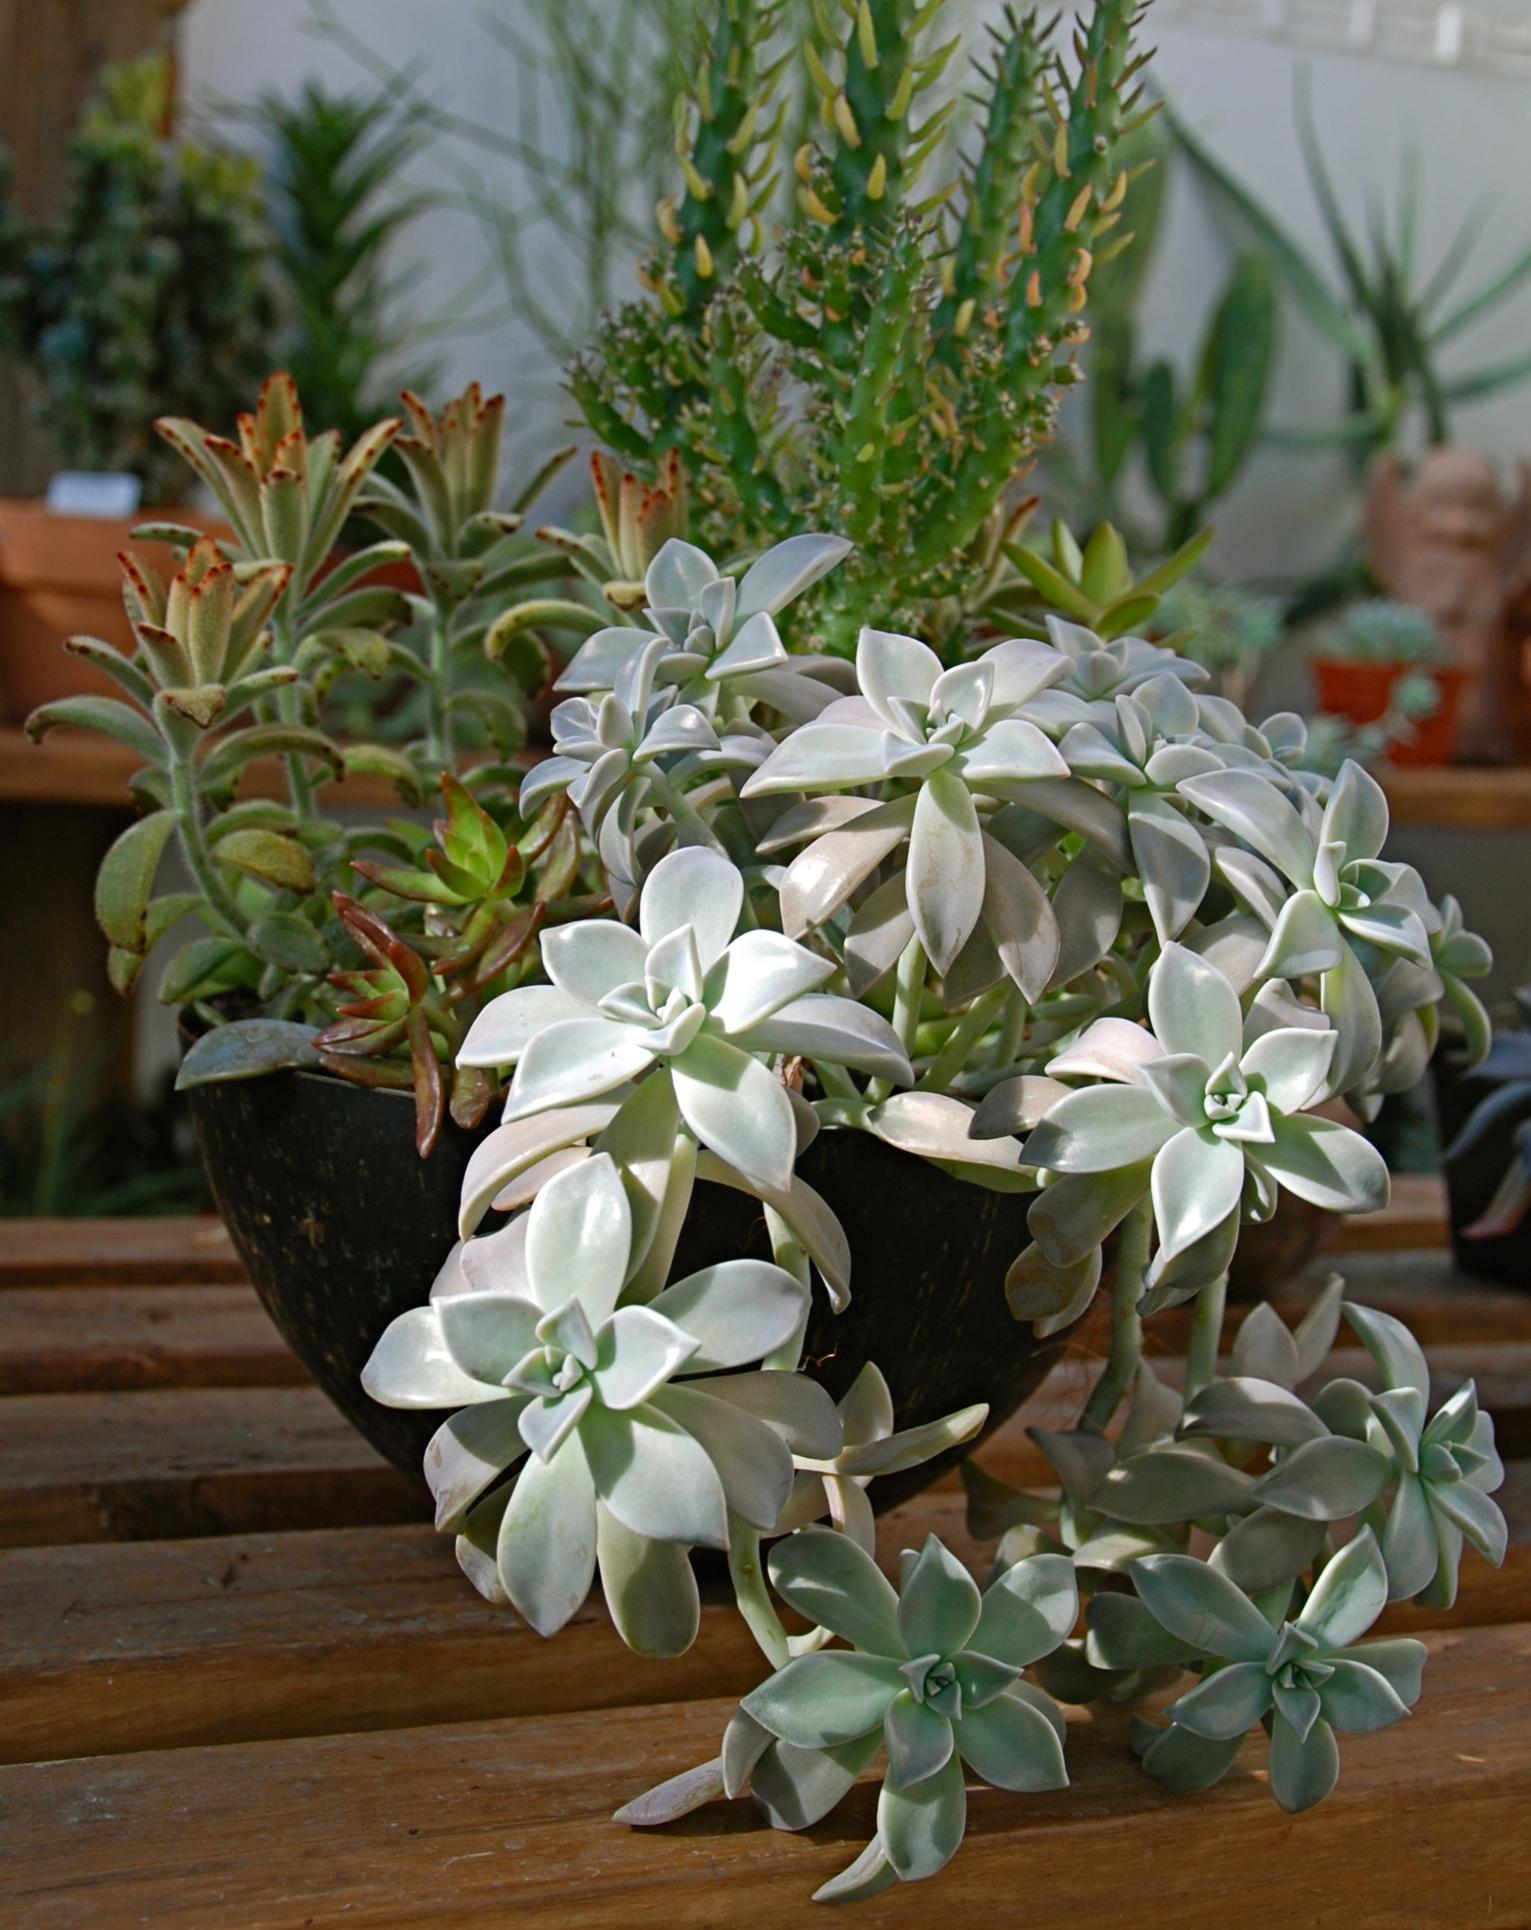 Graptopetalum paraguayense 'Ghost Plant', sedum, & cacti in copper container